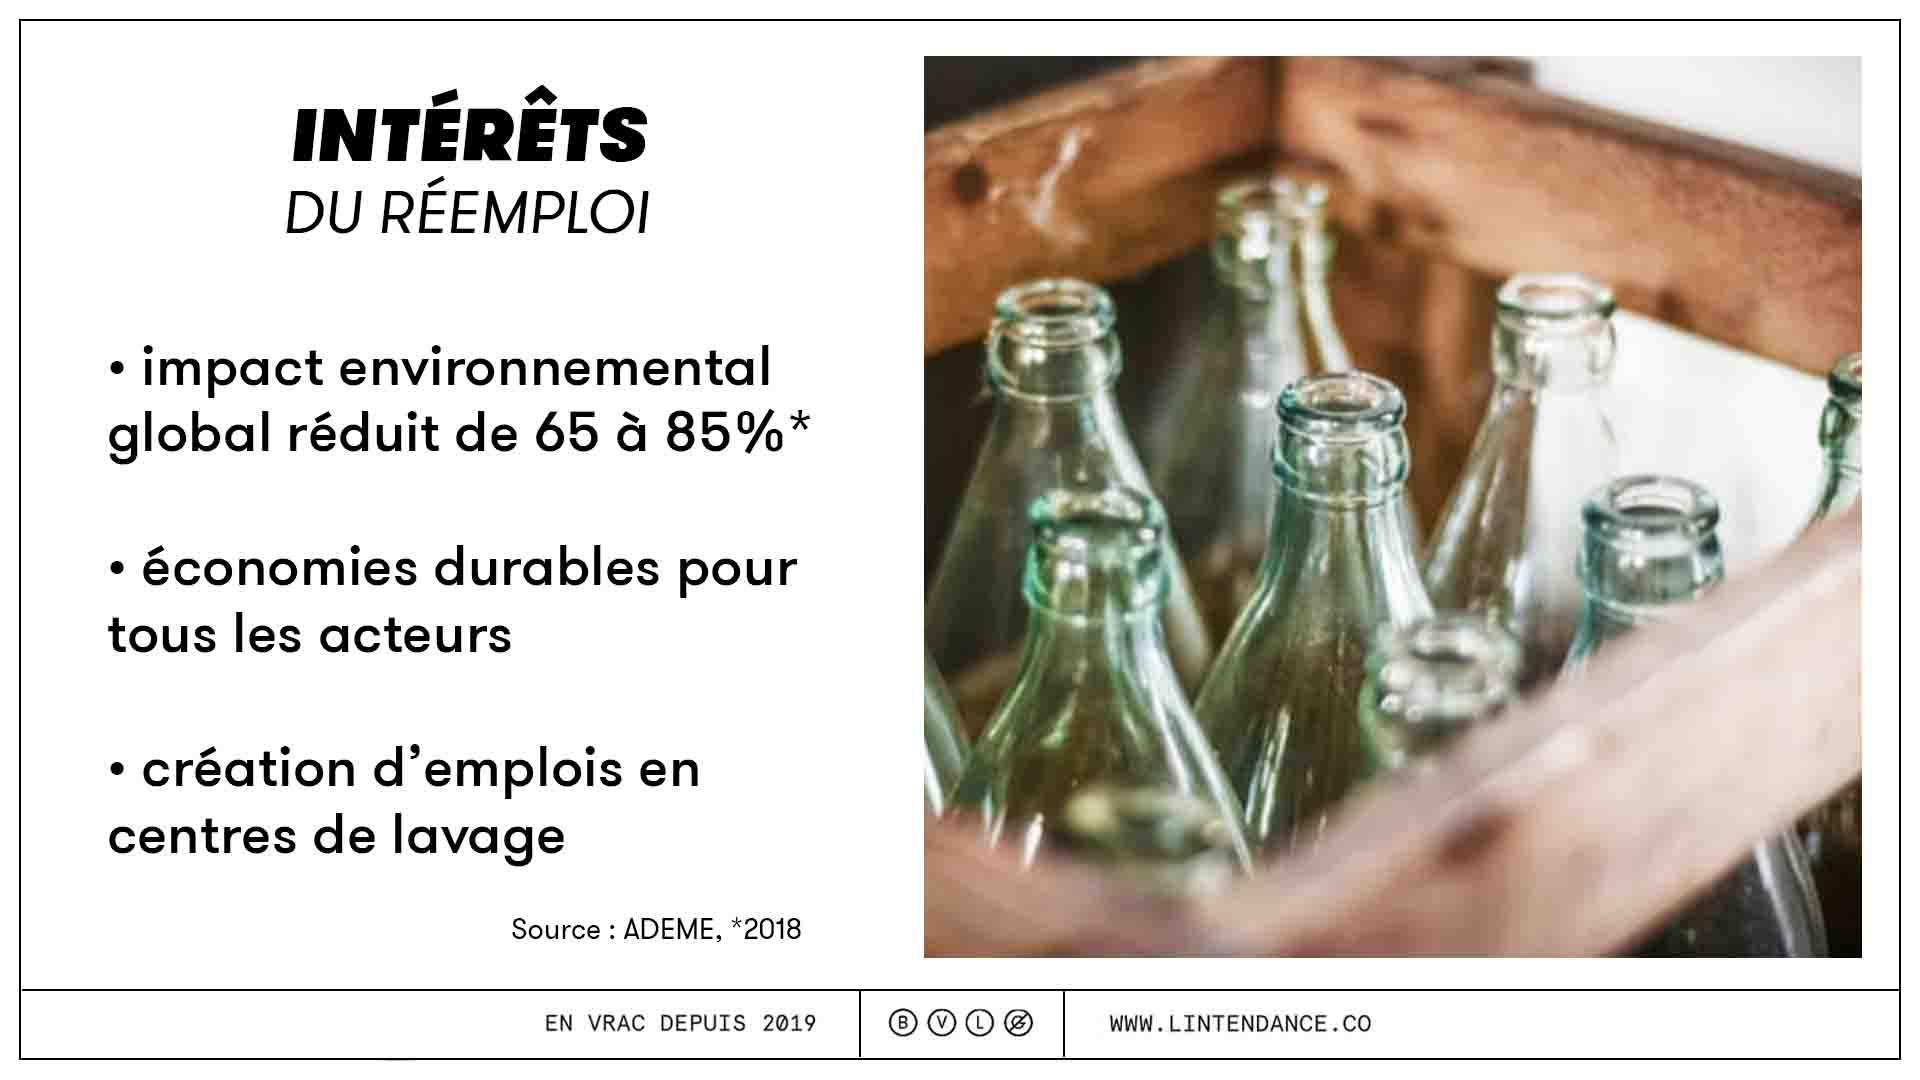 consigne réemploi avantages impact environnemental